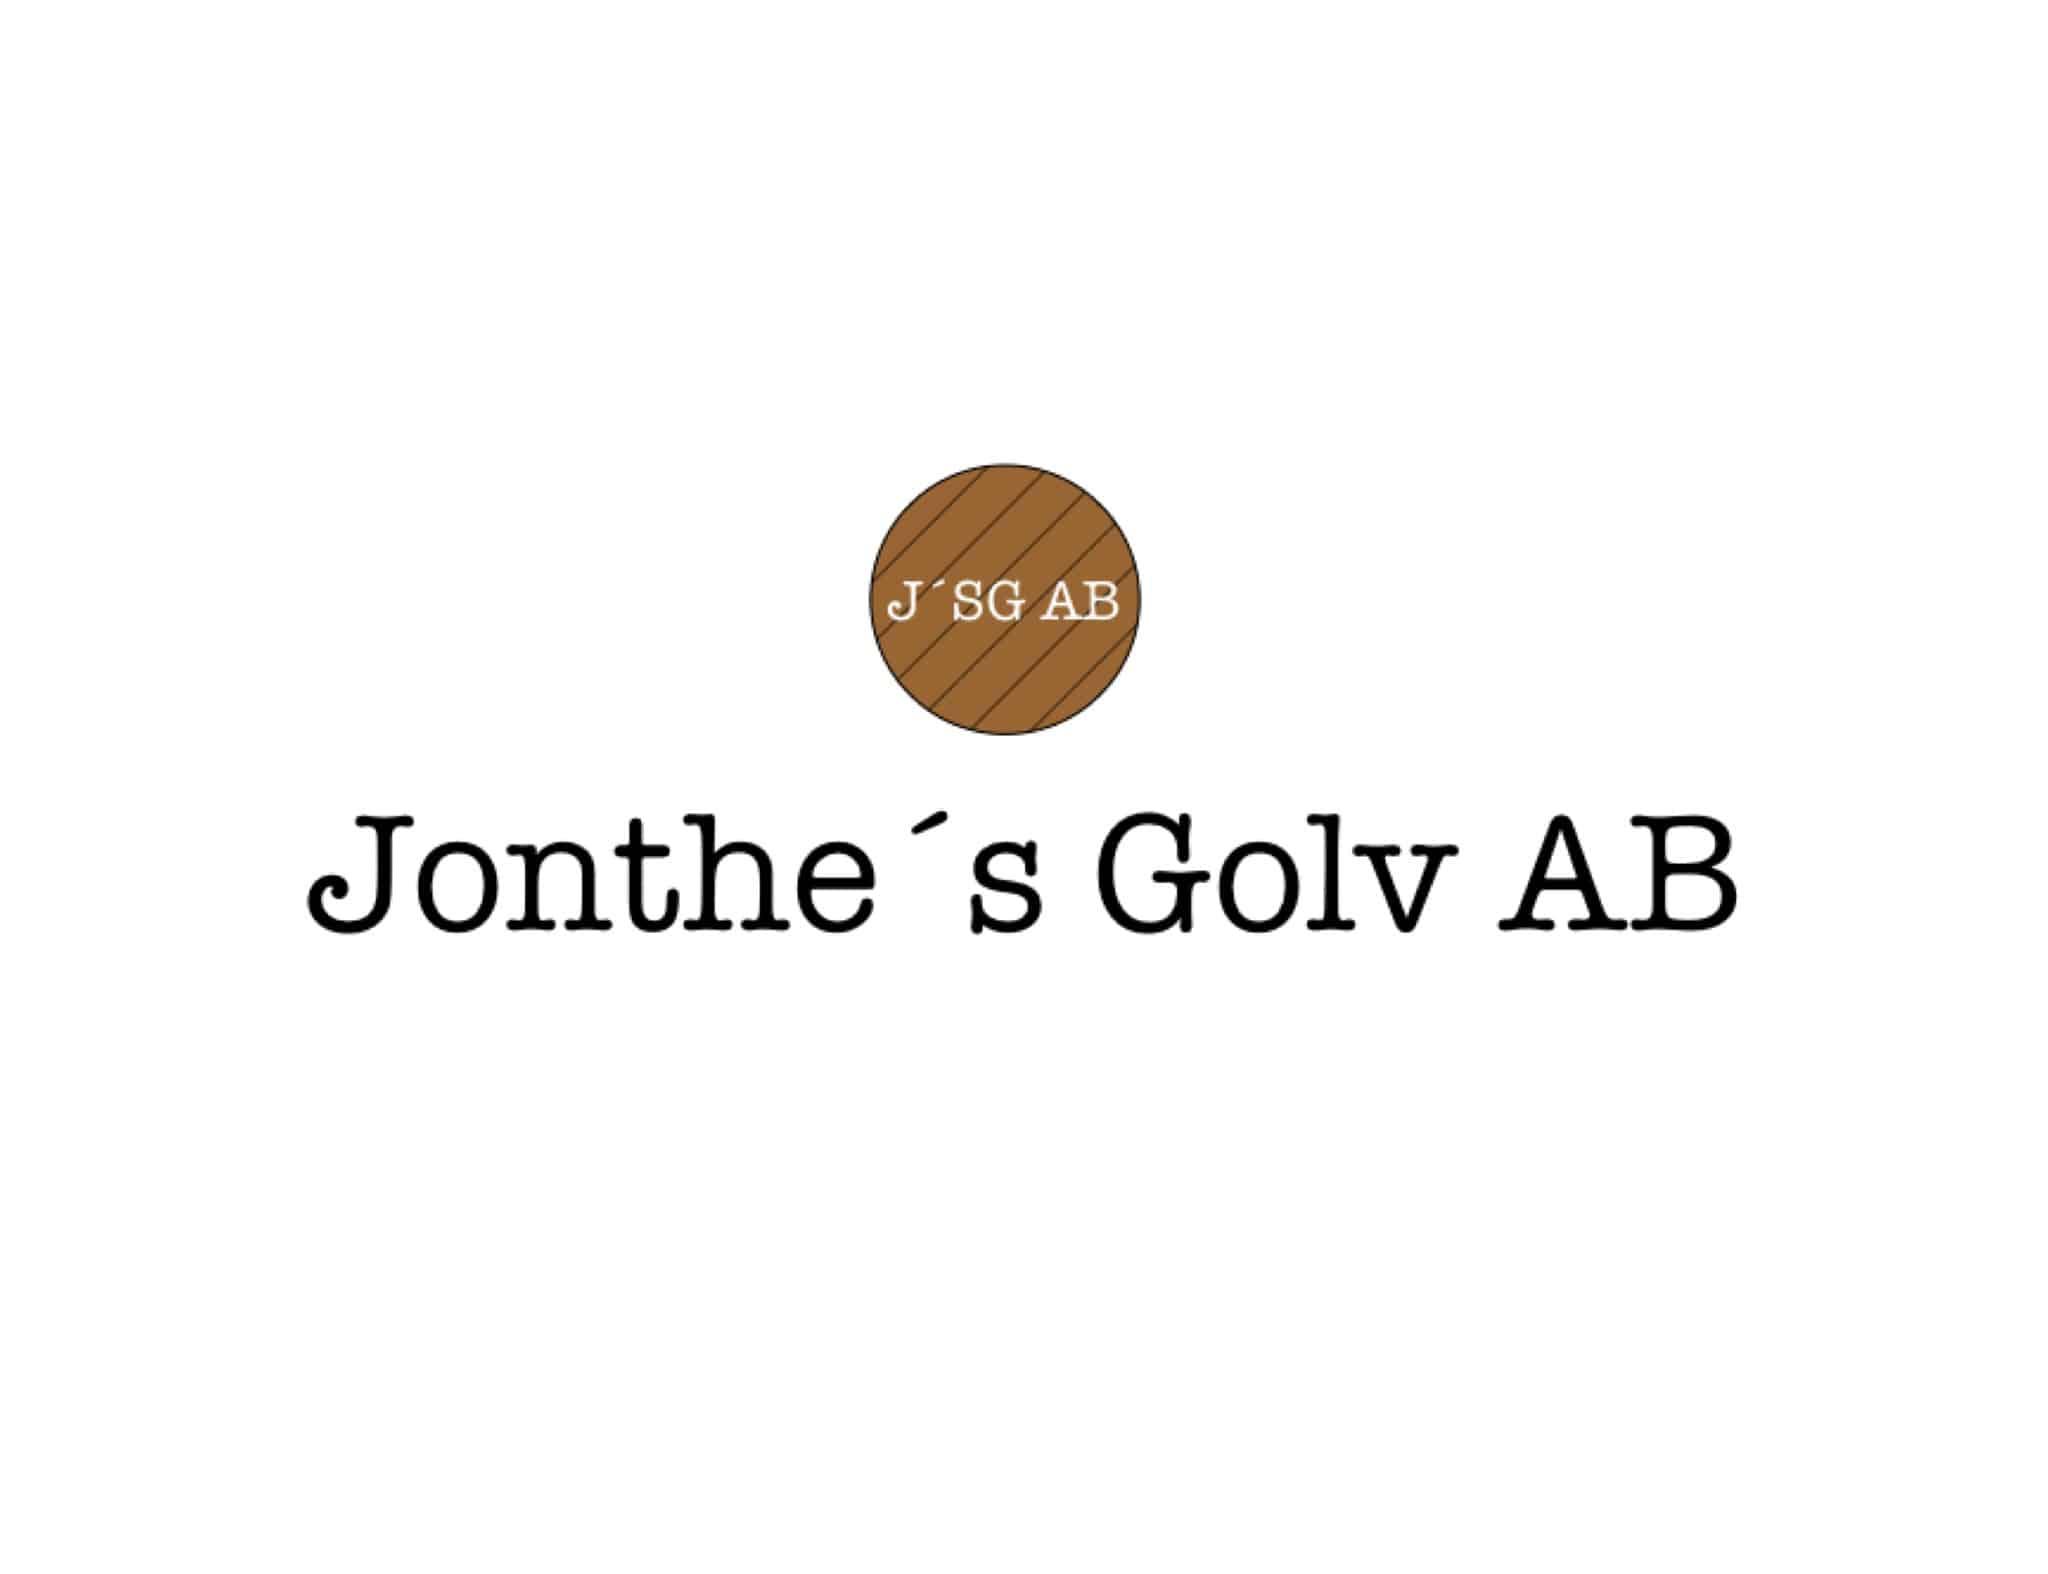 Logotyp för Jonthes Golv AB